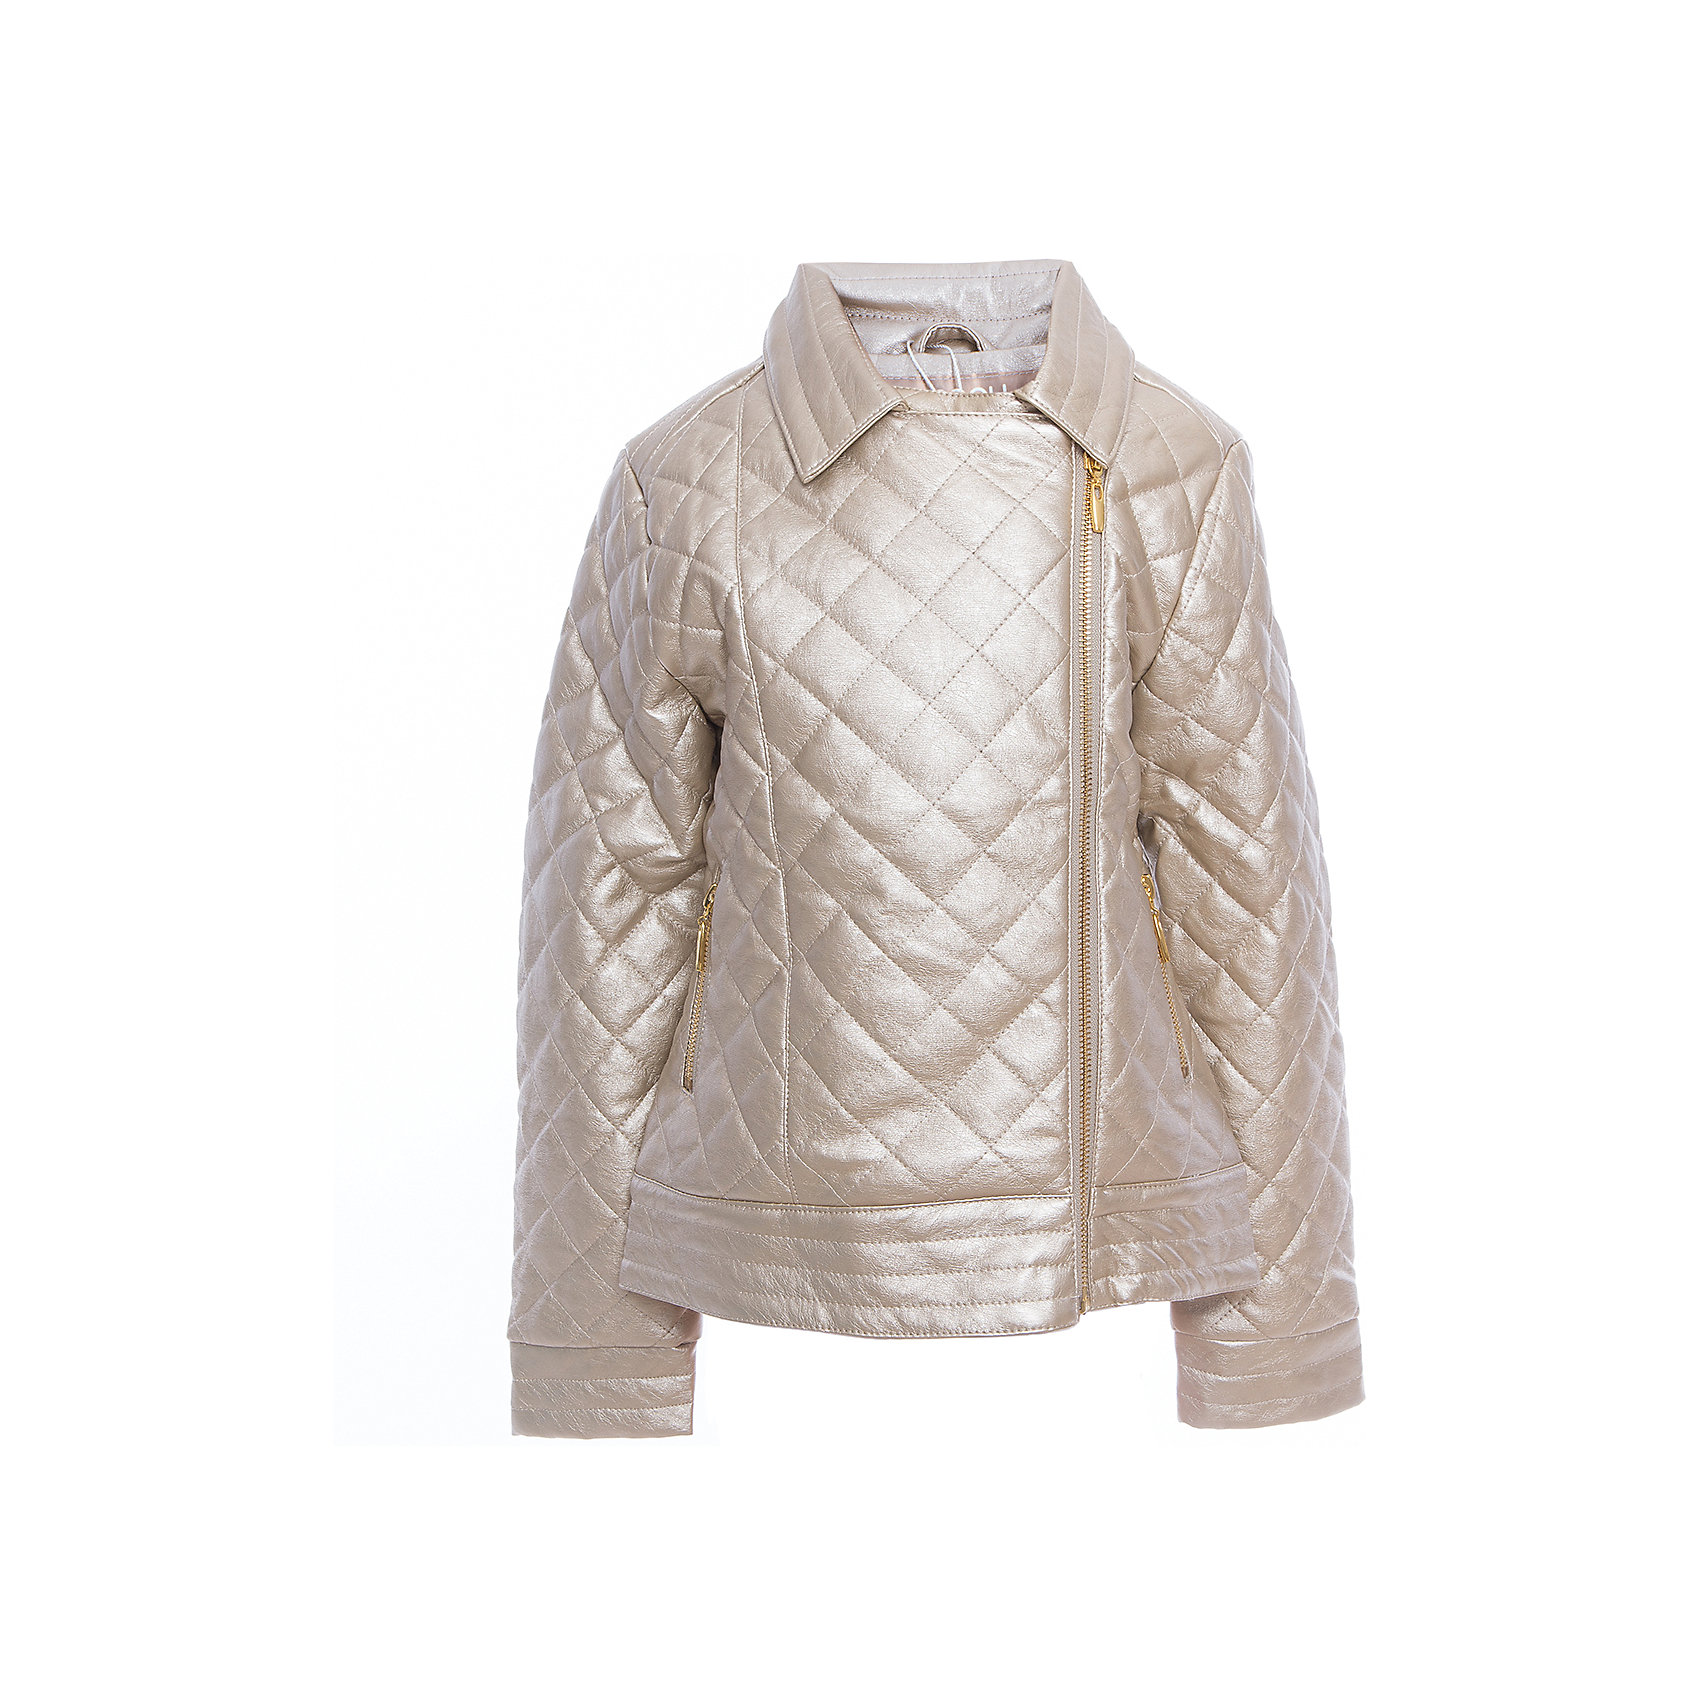 Куртка текстильная для девочек ScoolВерхняя одежда<br>Куртка текстильная для девочек Scool<br>Куртка с имитацией стежки.<br><br>– Застегивается на стильную косую молнию.<br>– Классический отложной воротник.<br>– Гладкая подкладка таффета.<br>– Два функциональных кармана на молнии.<br>Состав:<br>Верх: 40% полиуретан, 30% вискоза, 30% полиэстер, подкладка: 100% полиэстер, наполнитель - 100% полиэстер, 100 г/м2<br><br>Ширина мм: 356<br>Глубина мм: 10<br>Высота мм: 245<br>Вес г: 519<br>Цвет: золотой<br>Возраст от месяцев: 156<br>Возраст до месяцев: 168<br>Пол: Женский<br>Возраст: Детский<br>Размер: 164,134,140,146,152,158<br>SKU: 5419010